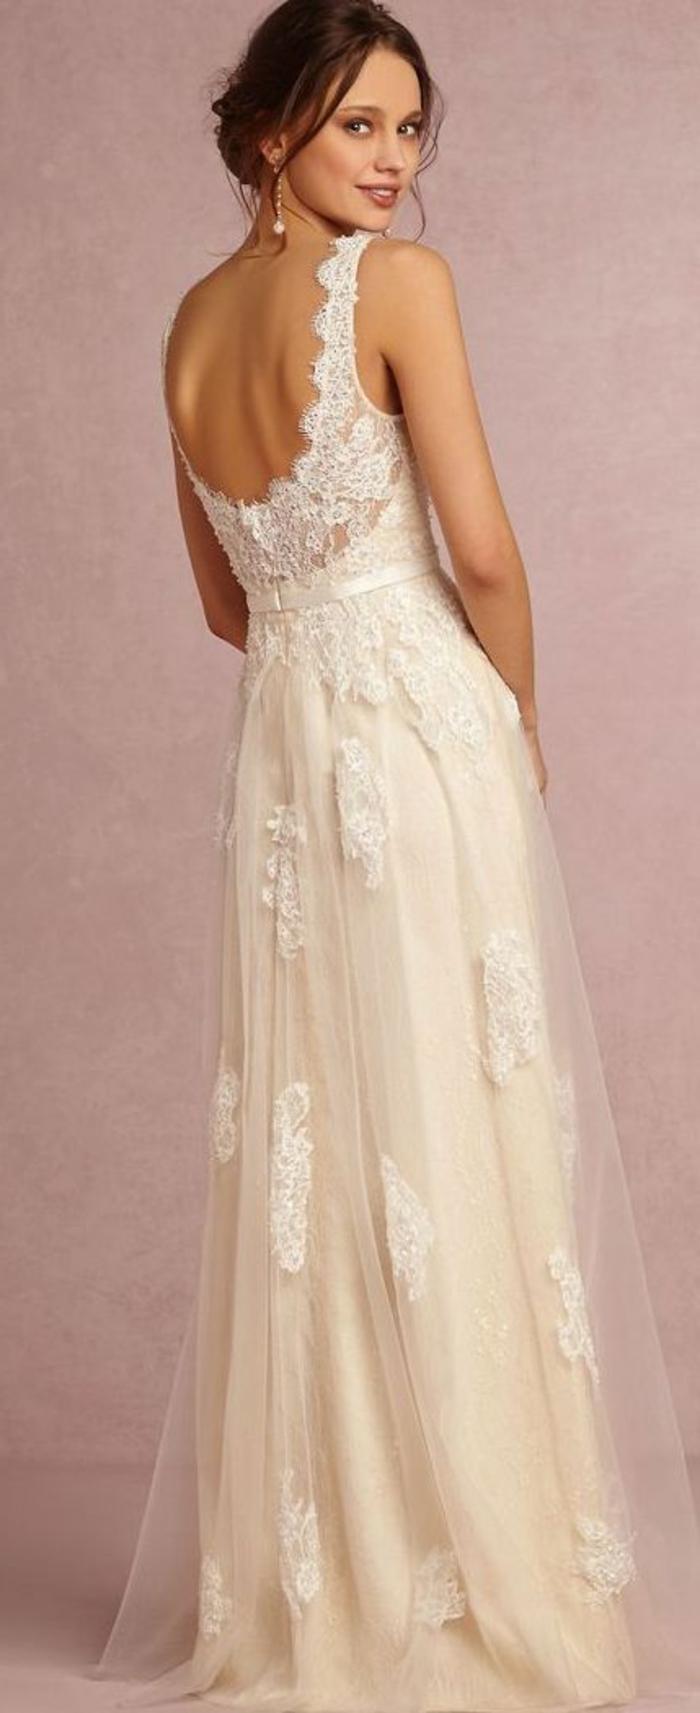 robe de mariée, dos nu, bretelles, robe avec tulle et coiffure en chignon